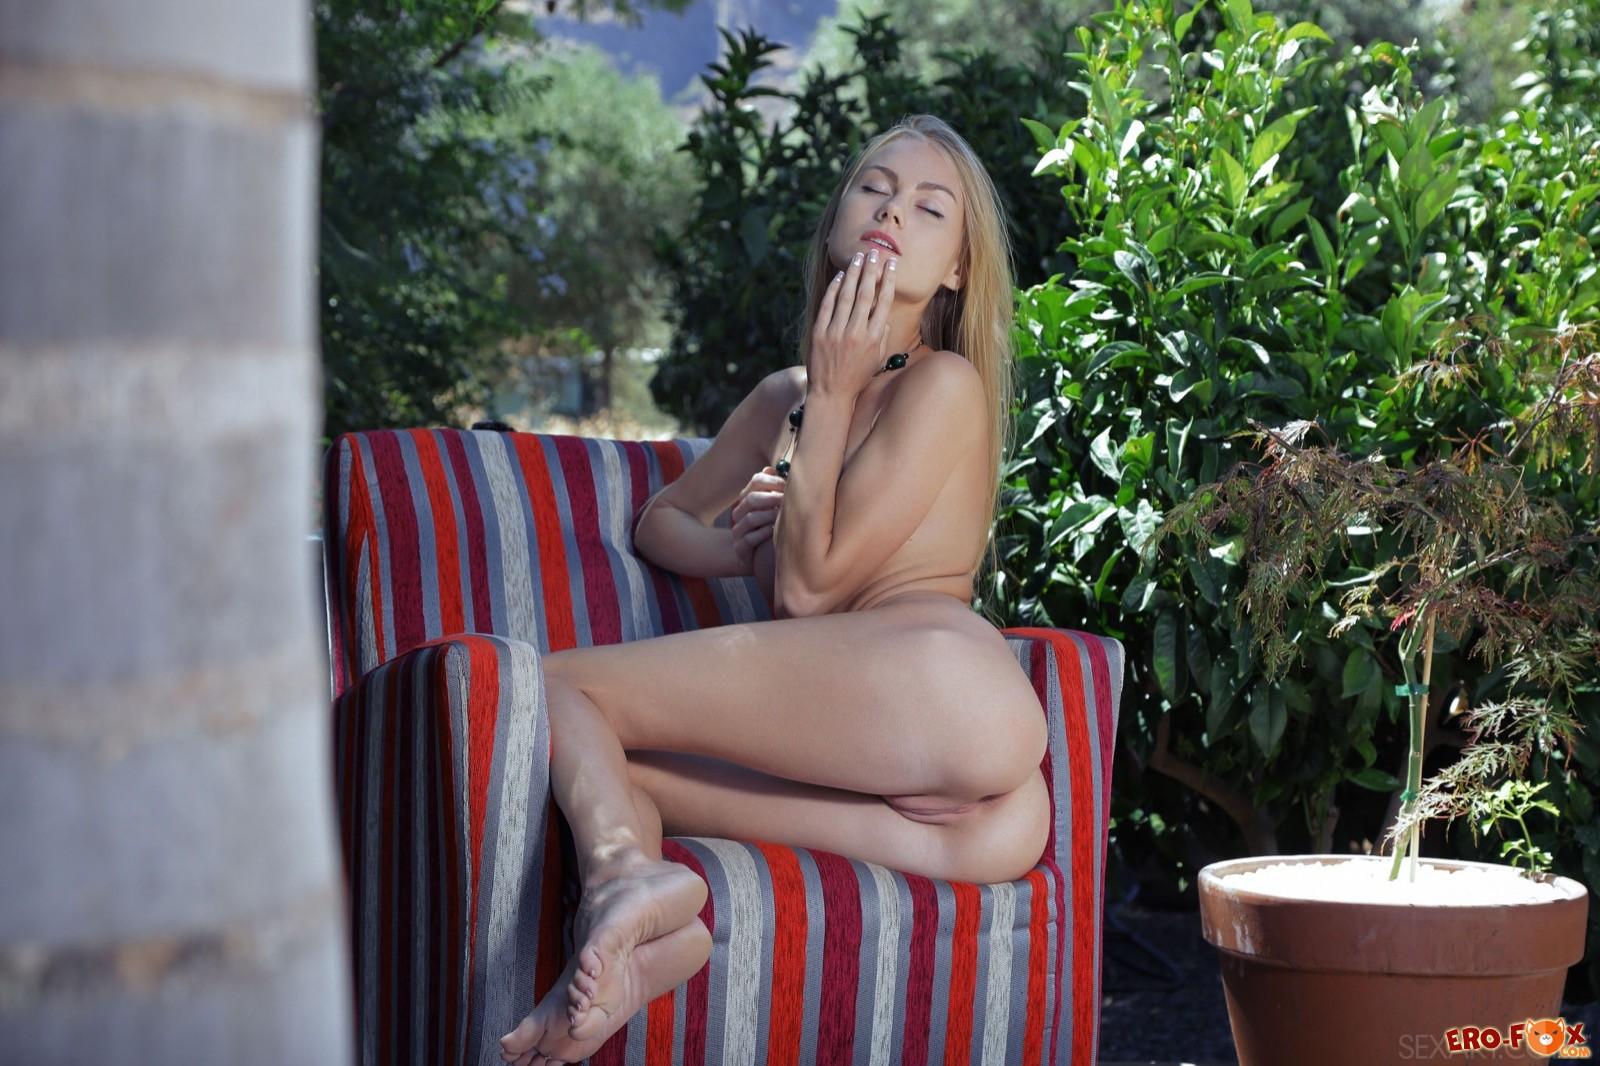 Длинноволосая блондинка эротично показала голое тело